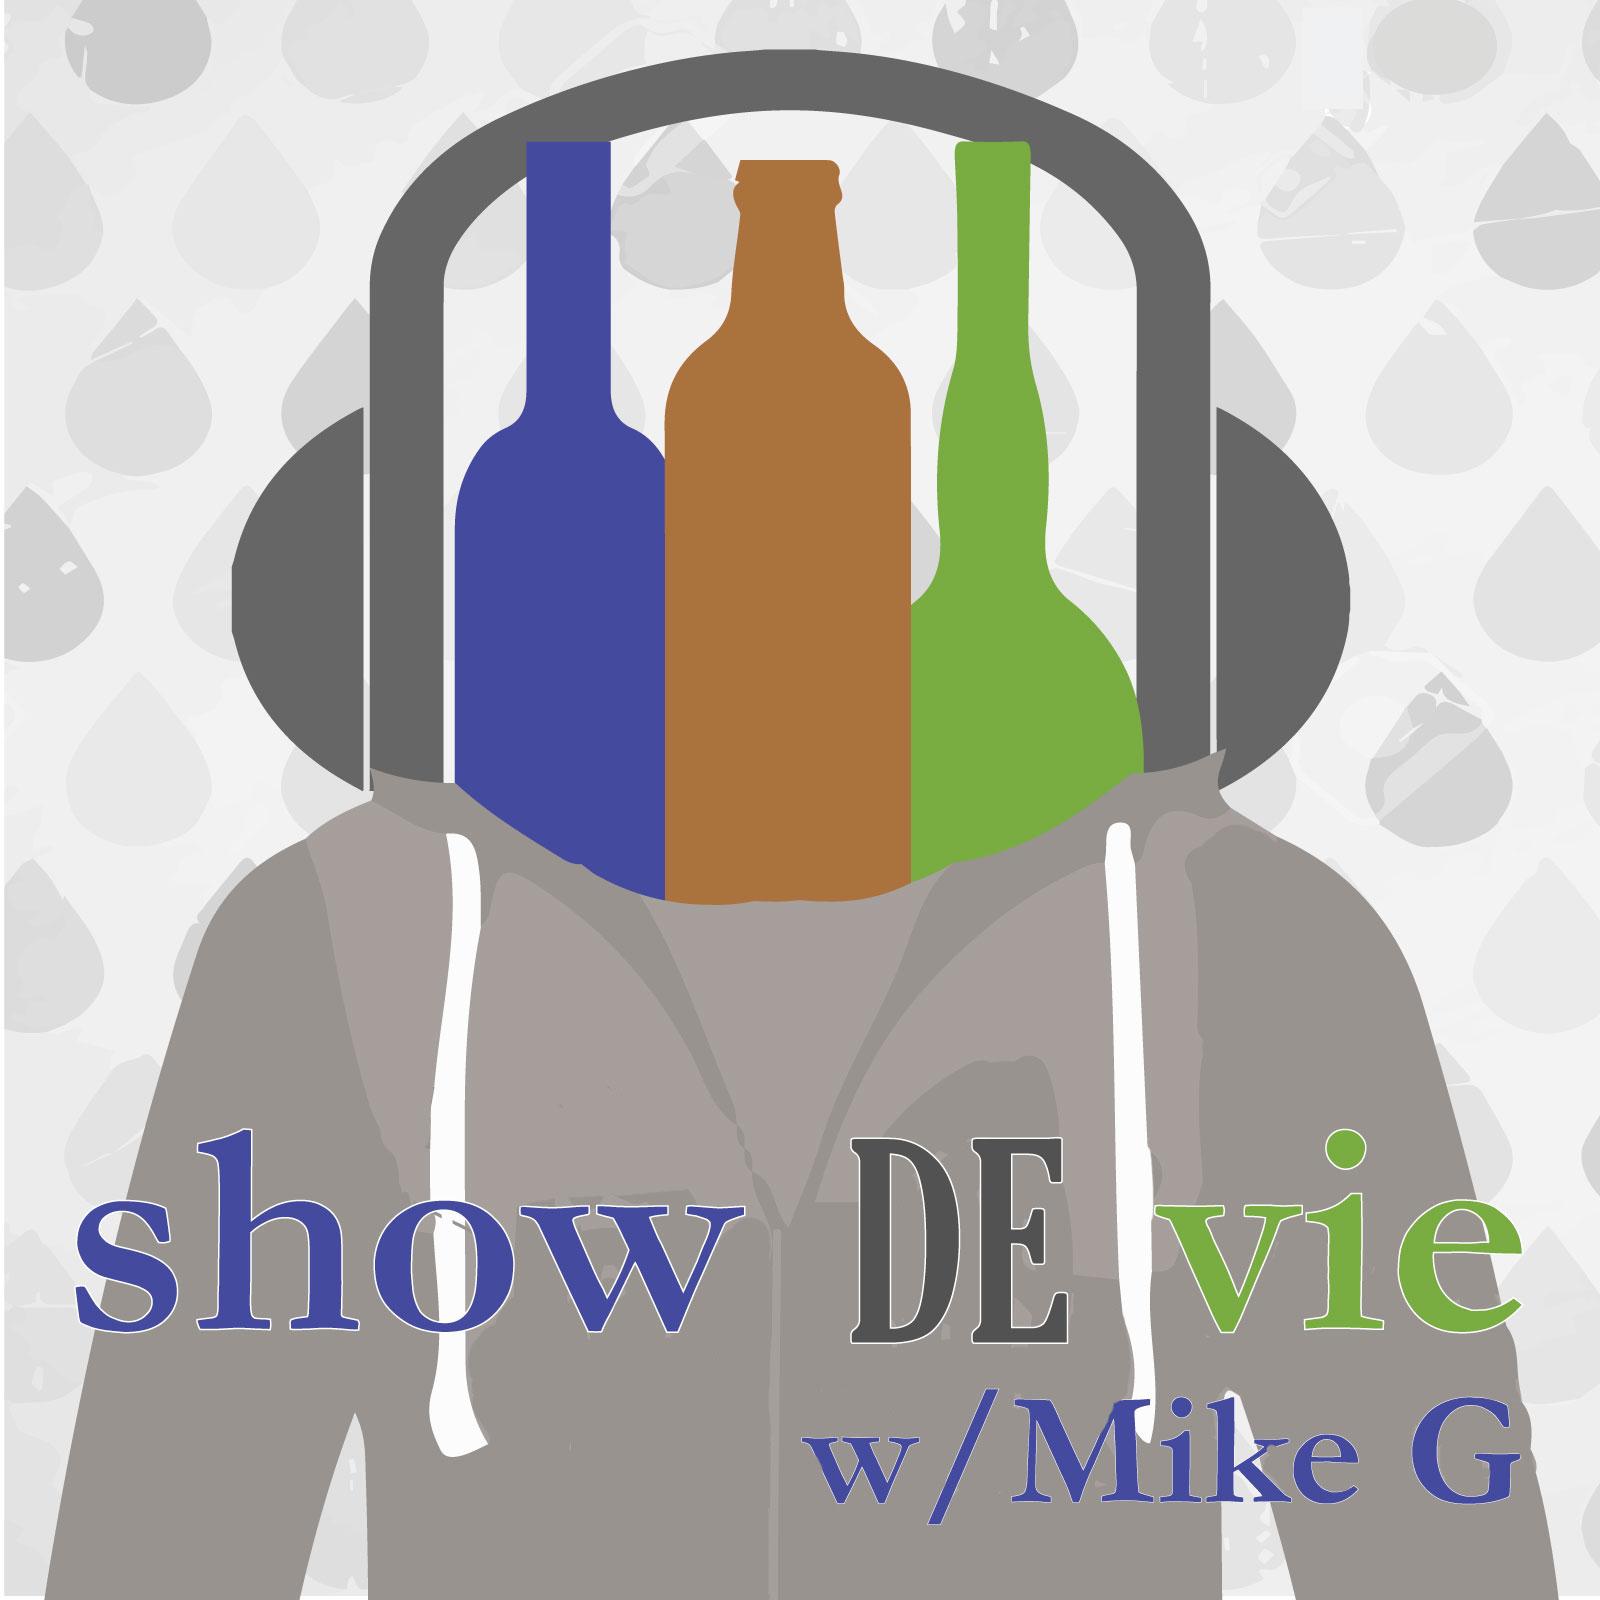 Show de Vie Podcast w/Mike G show art